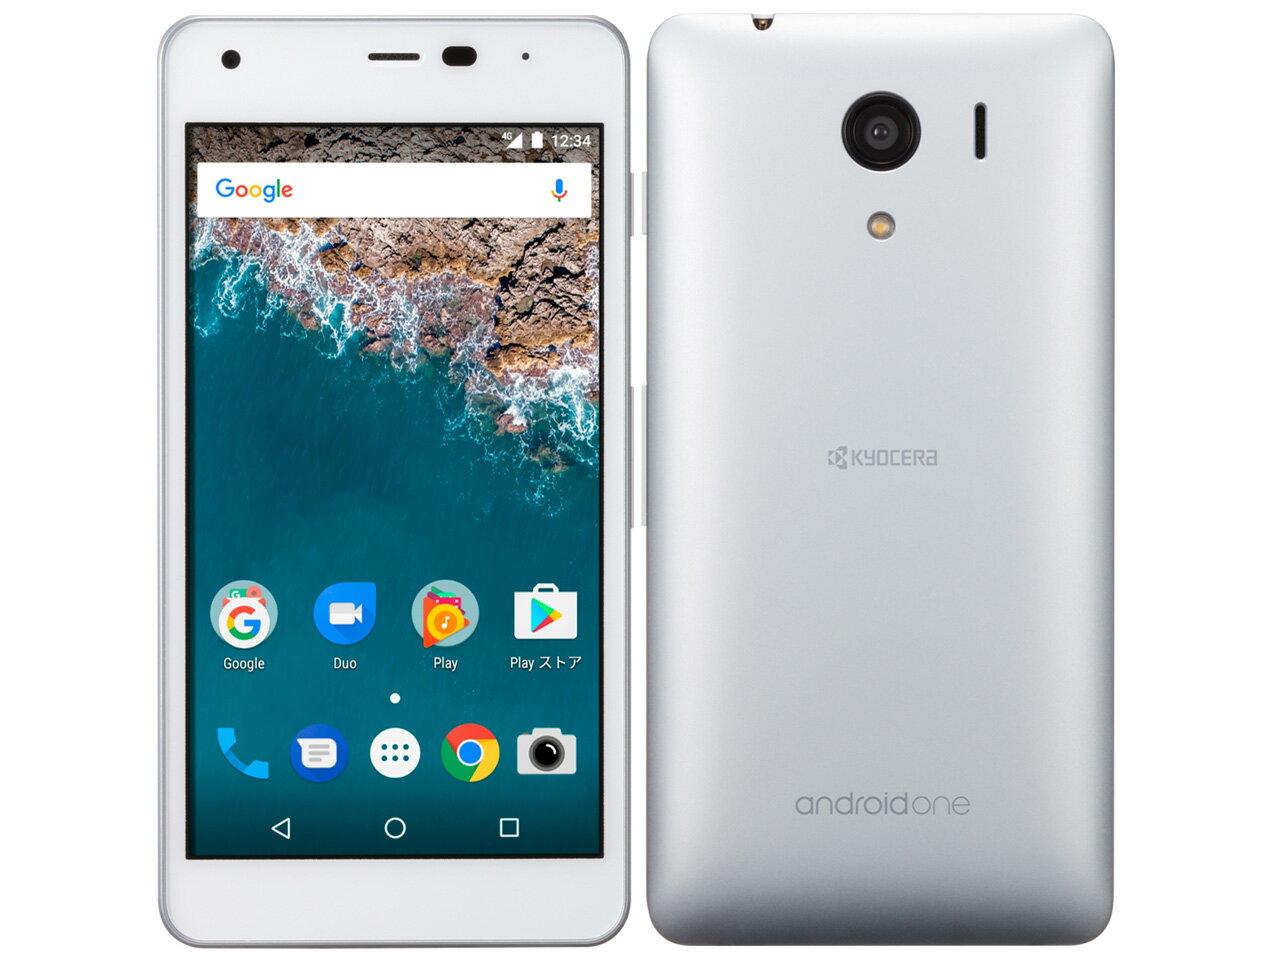 【新品・未使用】Android One S2 ワイモバイル 京セラ 白ロム スマホ 2017年春モデル